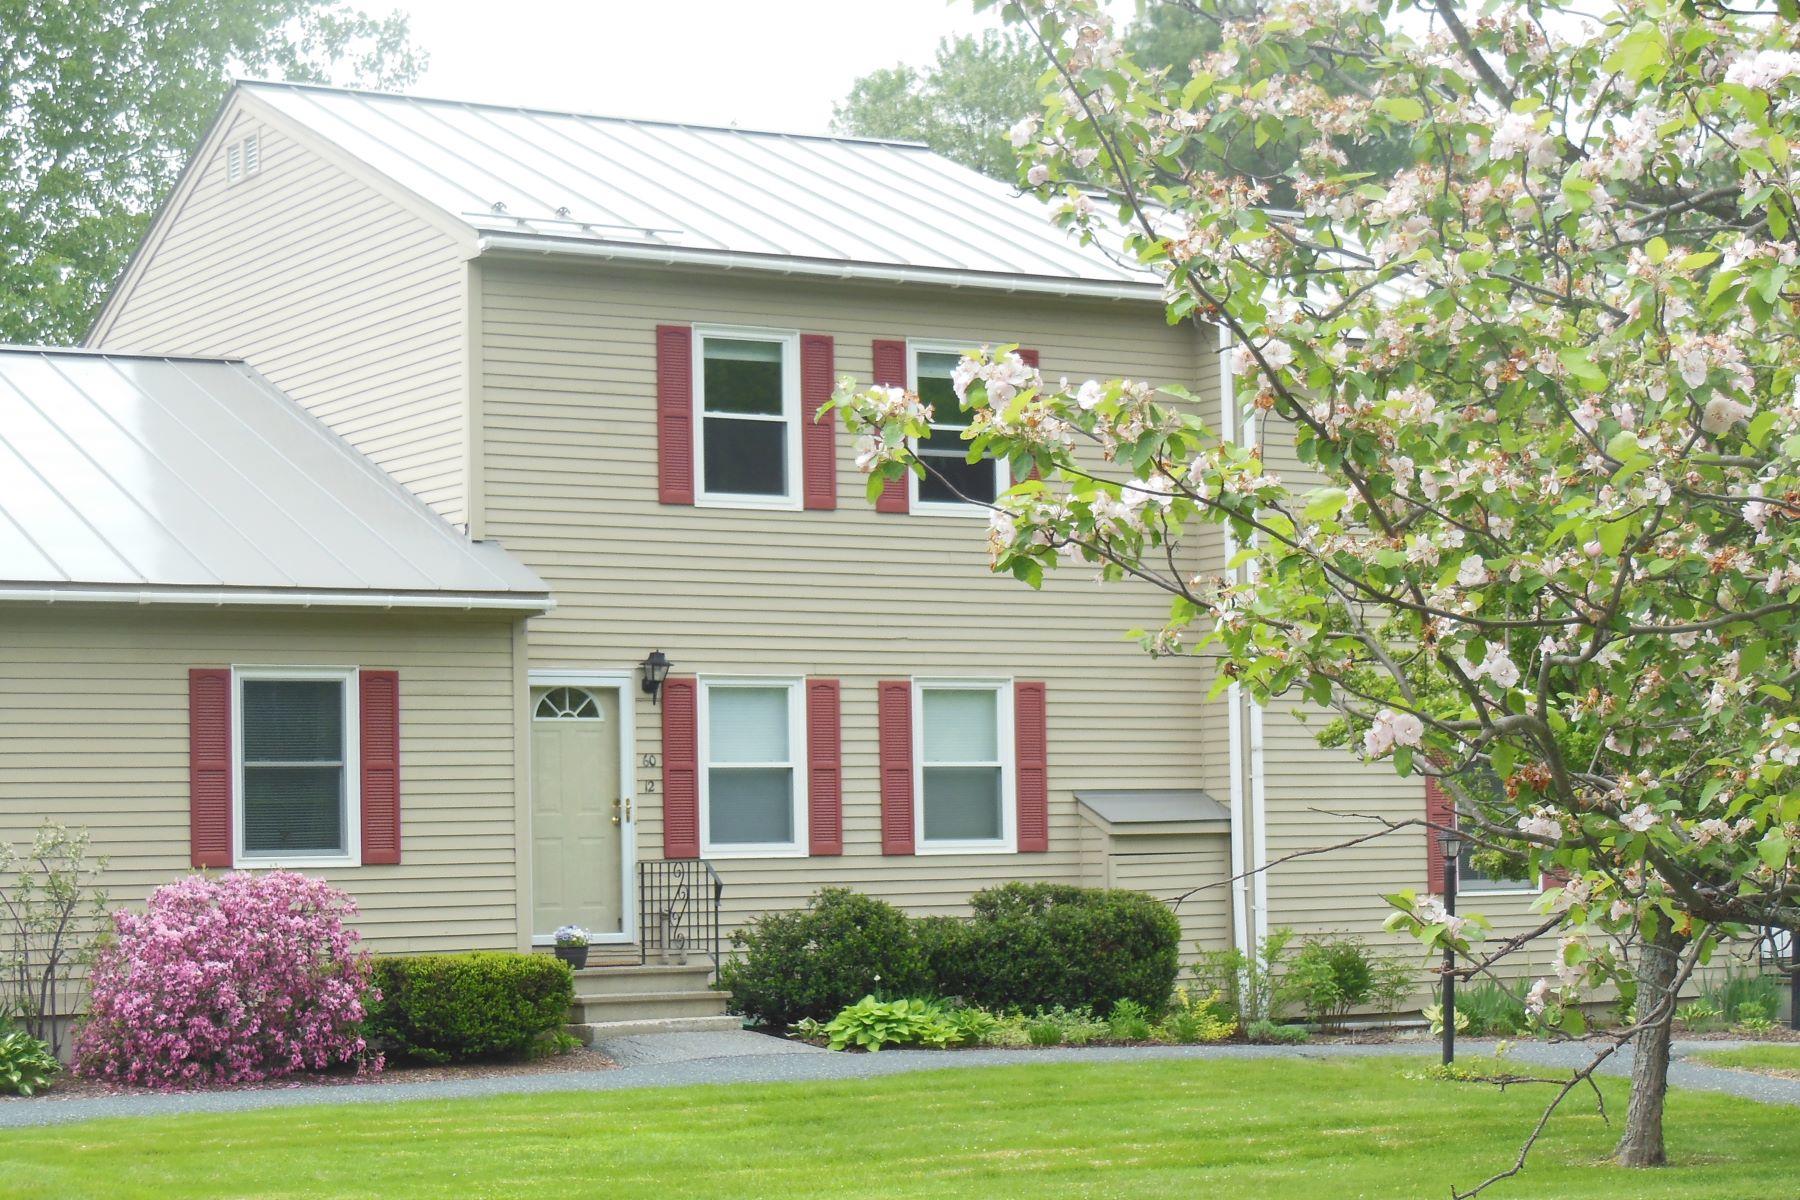 Condominium for Sale at 60 Fieldstone Way 12D, Hartford 60 Fieldstone Way 12D Hartford, Vermont 05001 United States